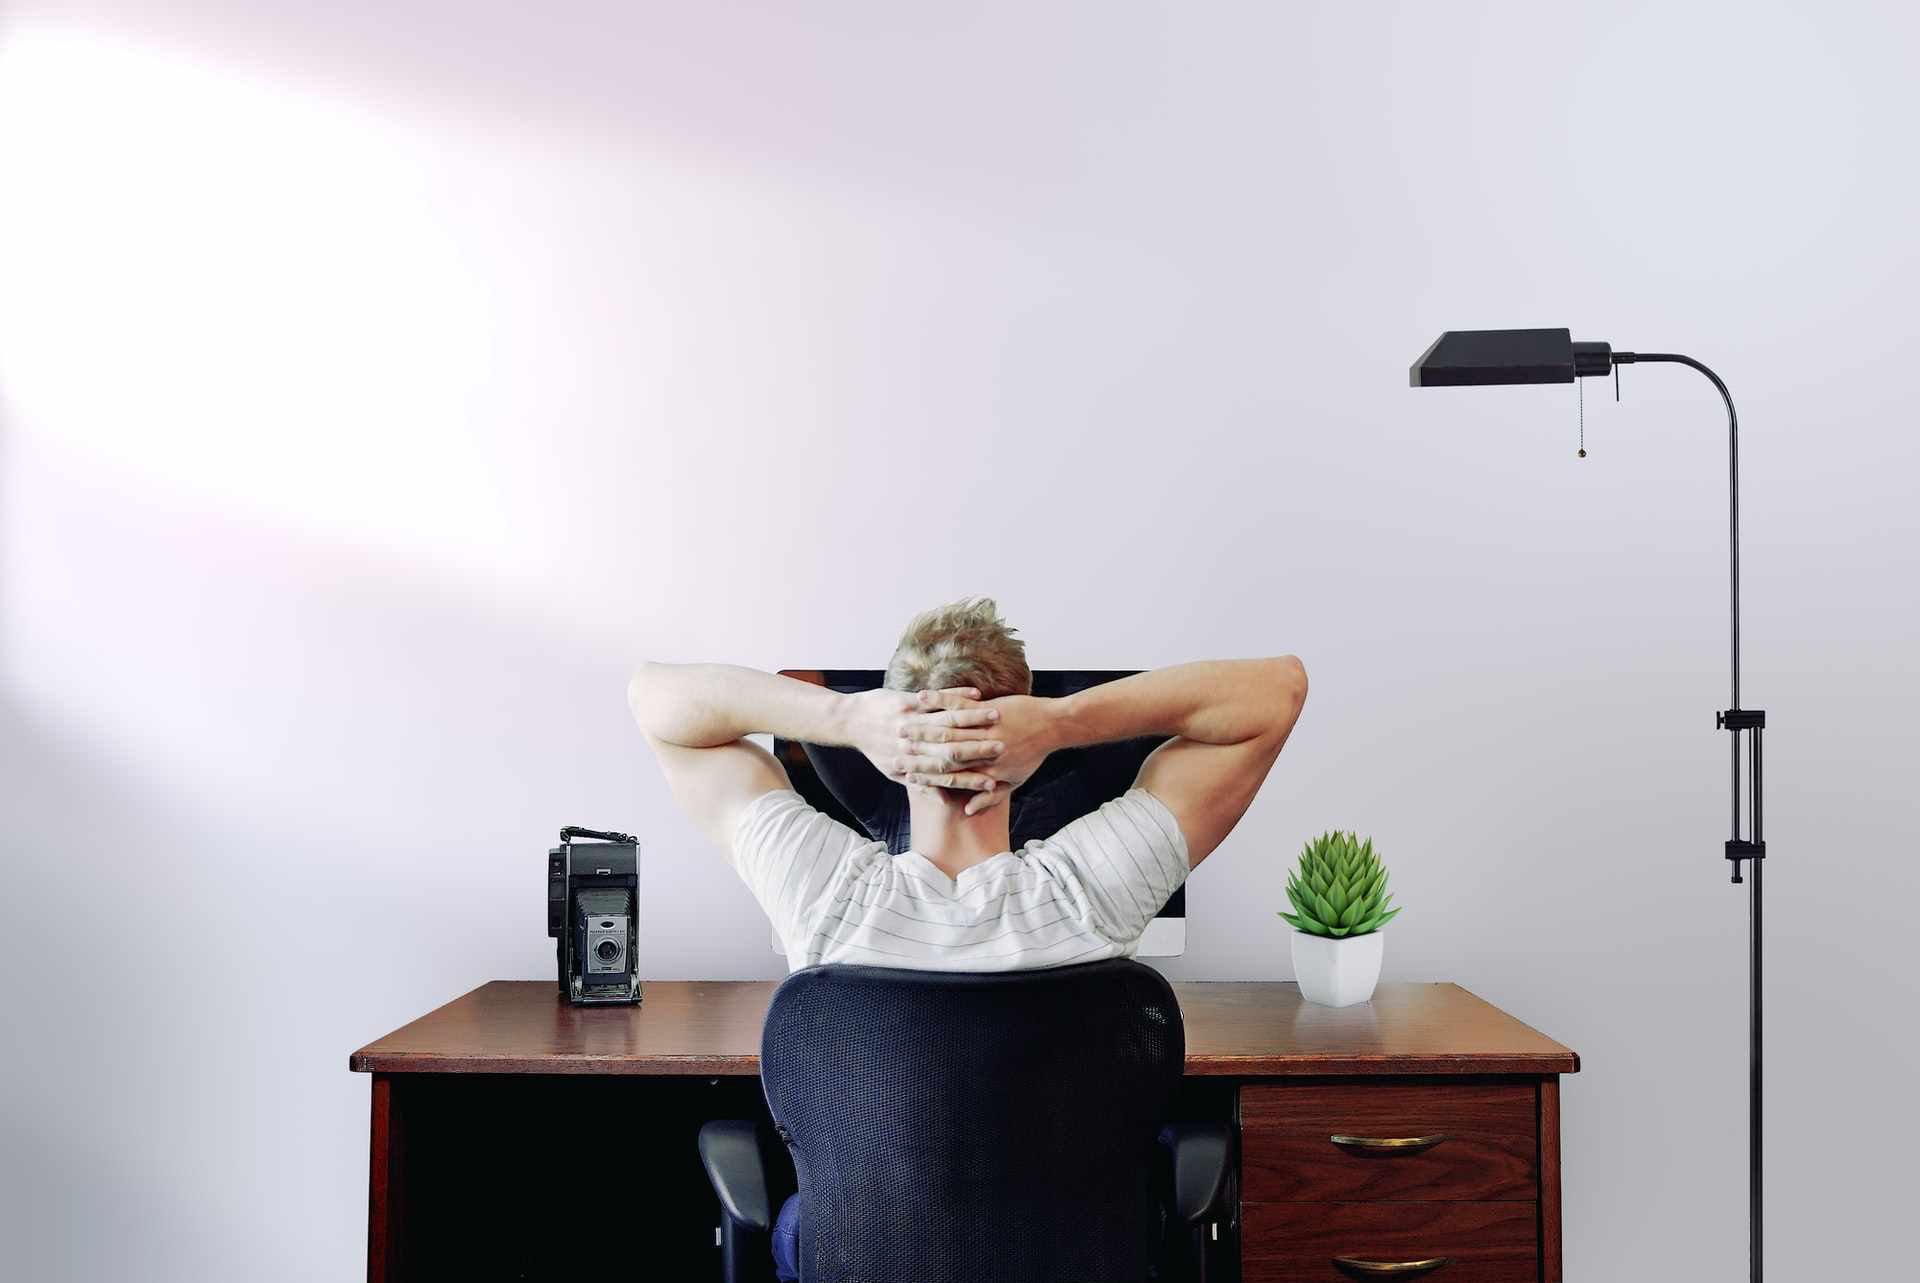 Burnout-Risiko für Führungskräfte